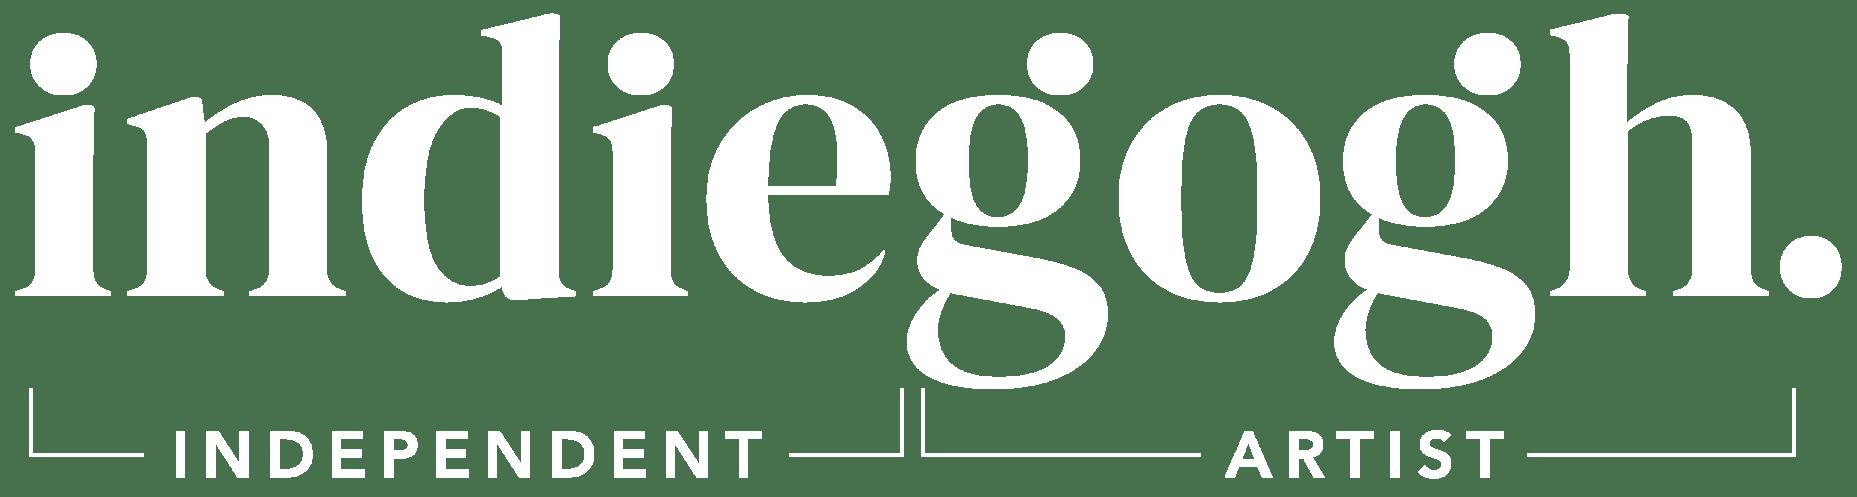 Indiegogh Independent Artist